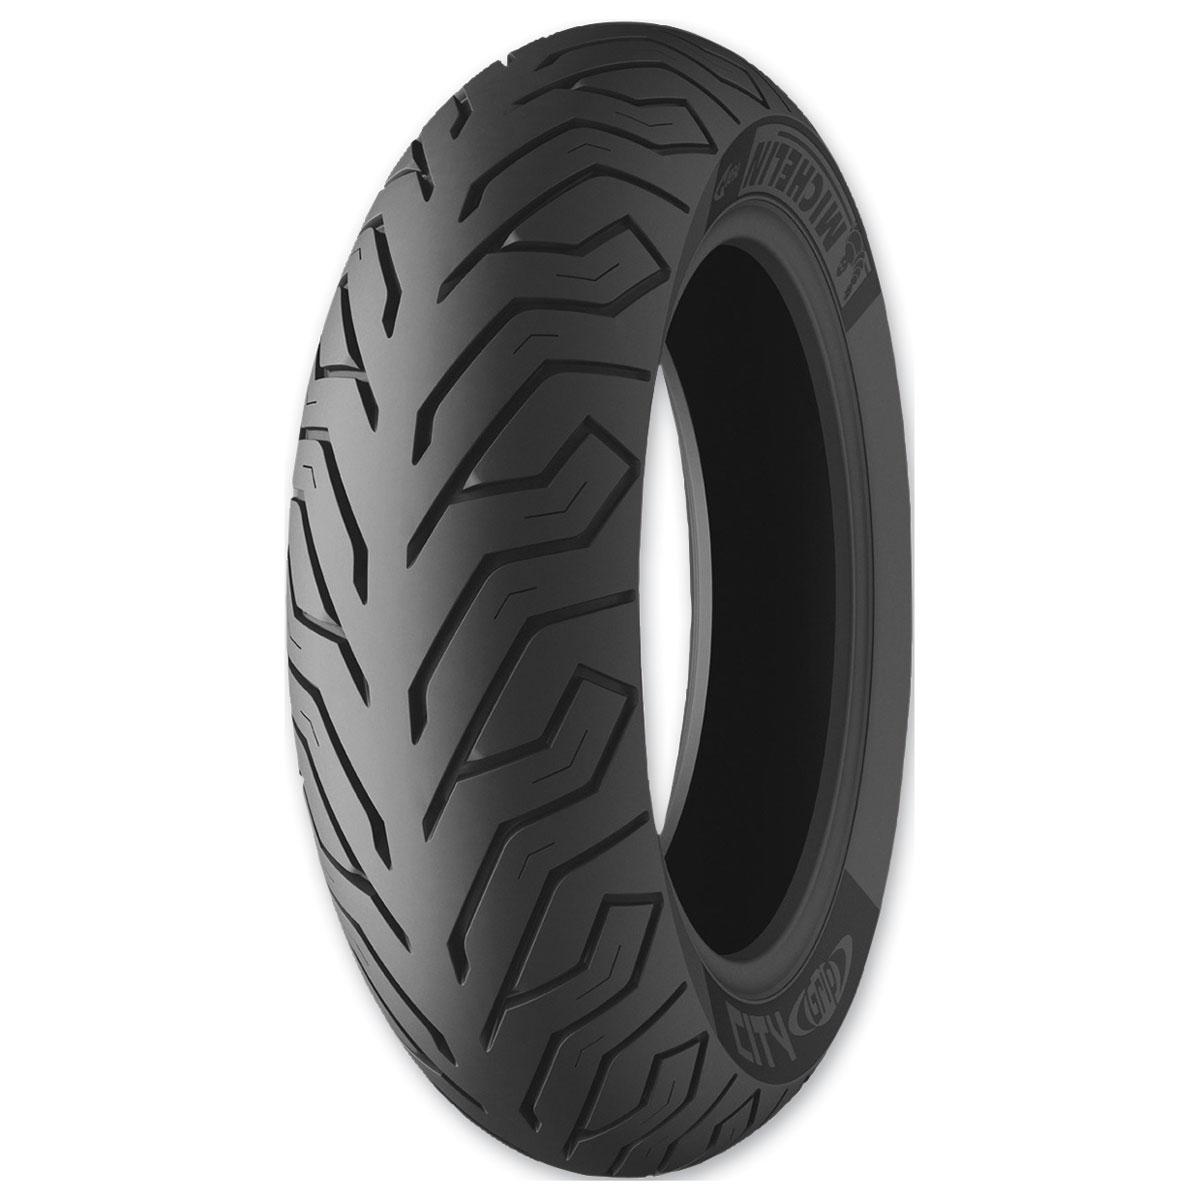 Michelin CITY GRIP 140/70-16 Rear Tire